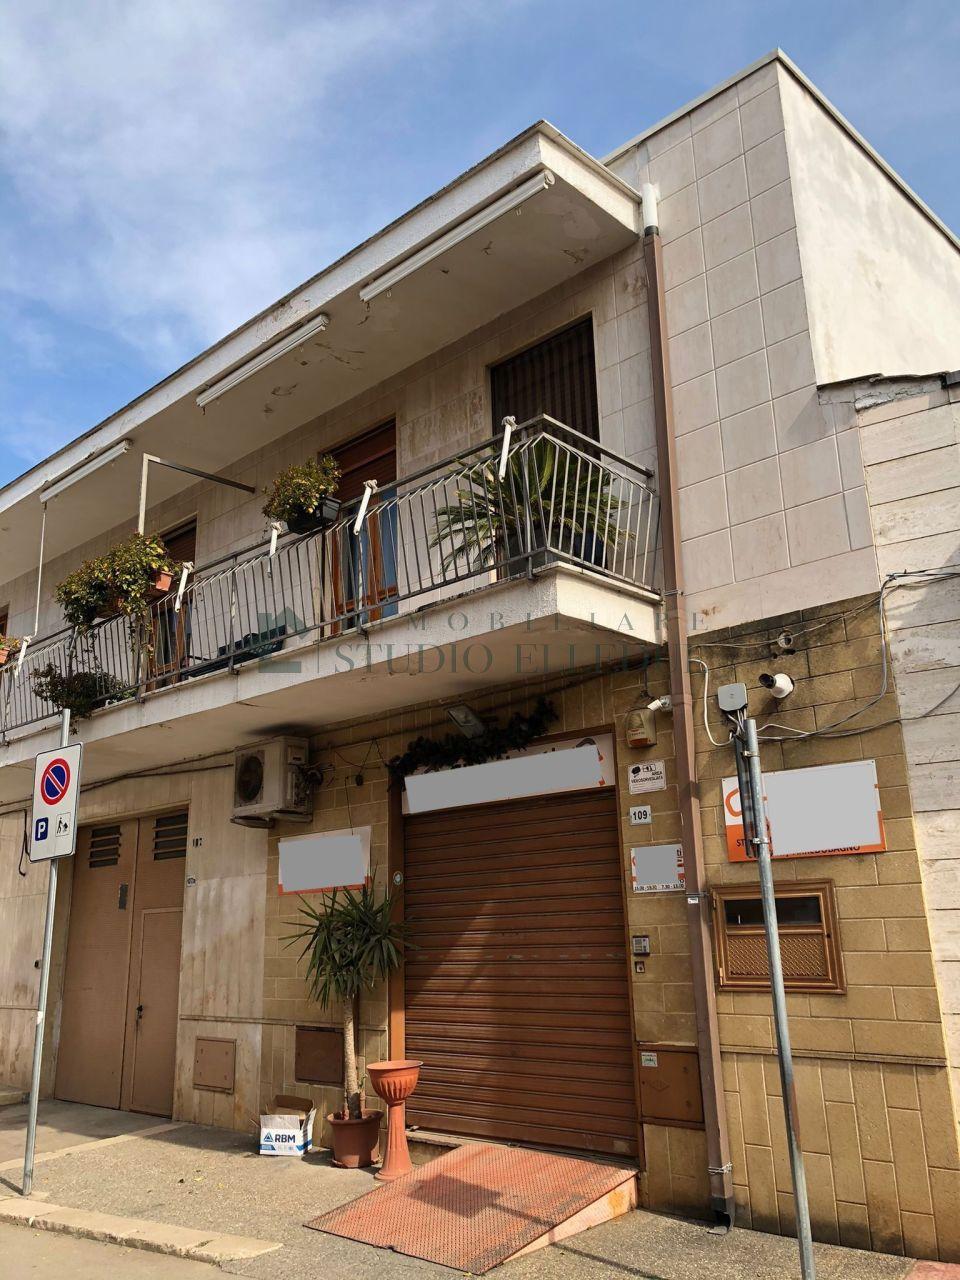 Fondo commerciale in vendita a Sannicandro Di Bari (BA)